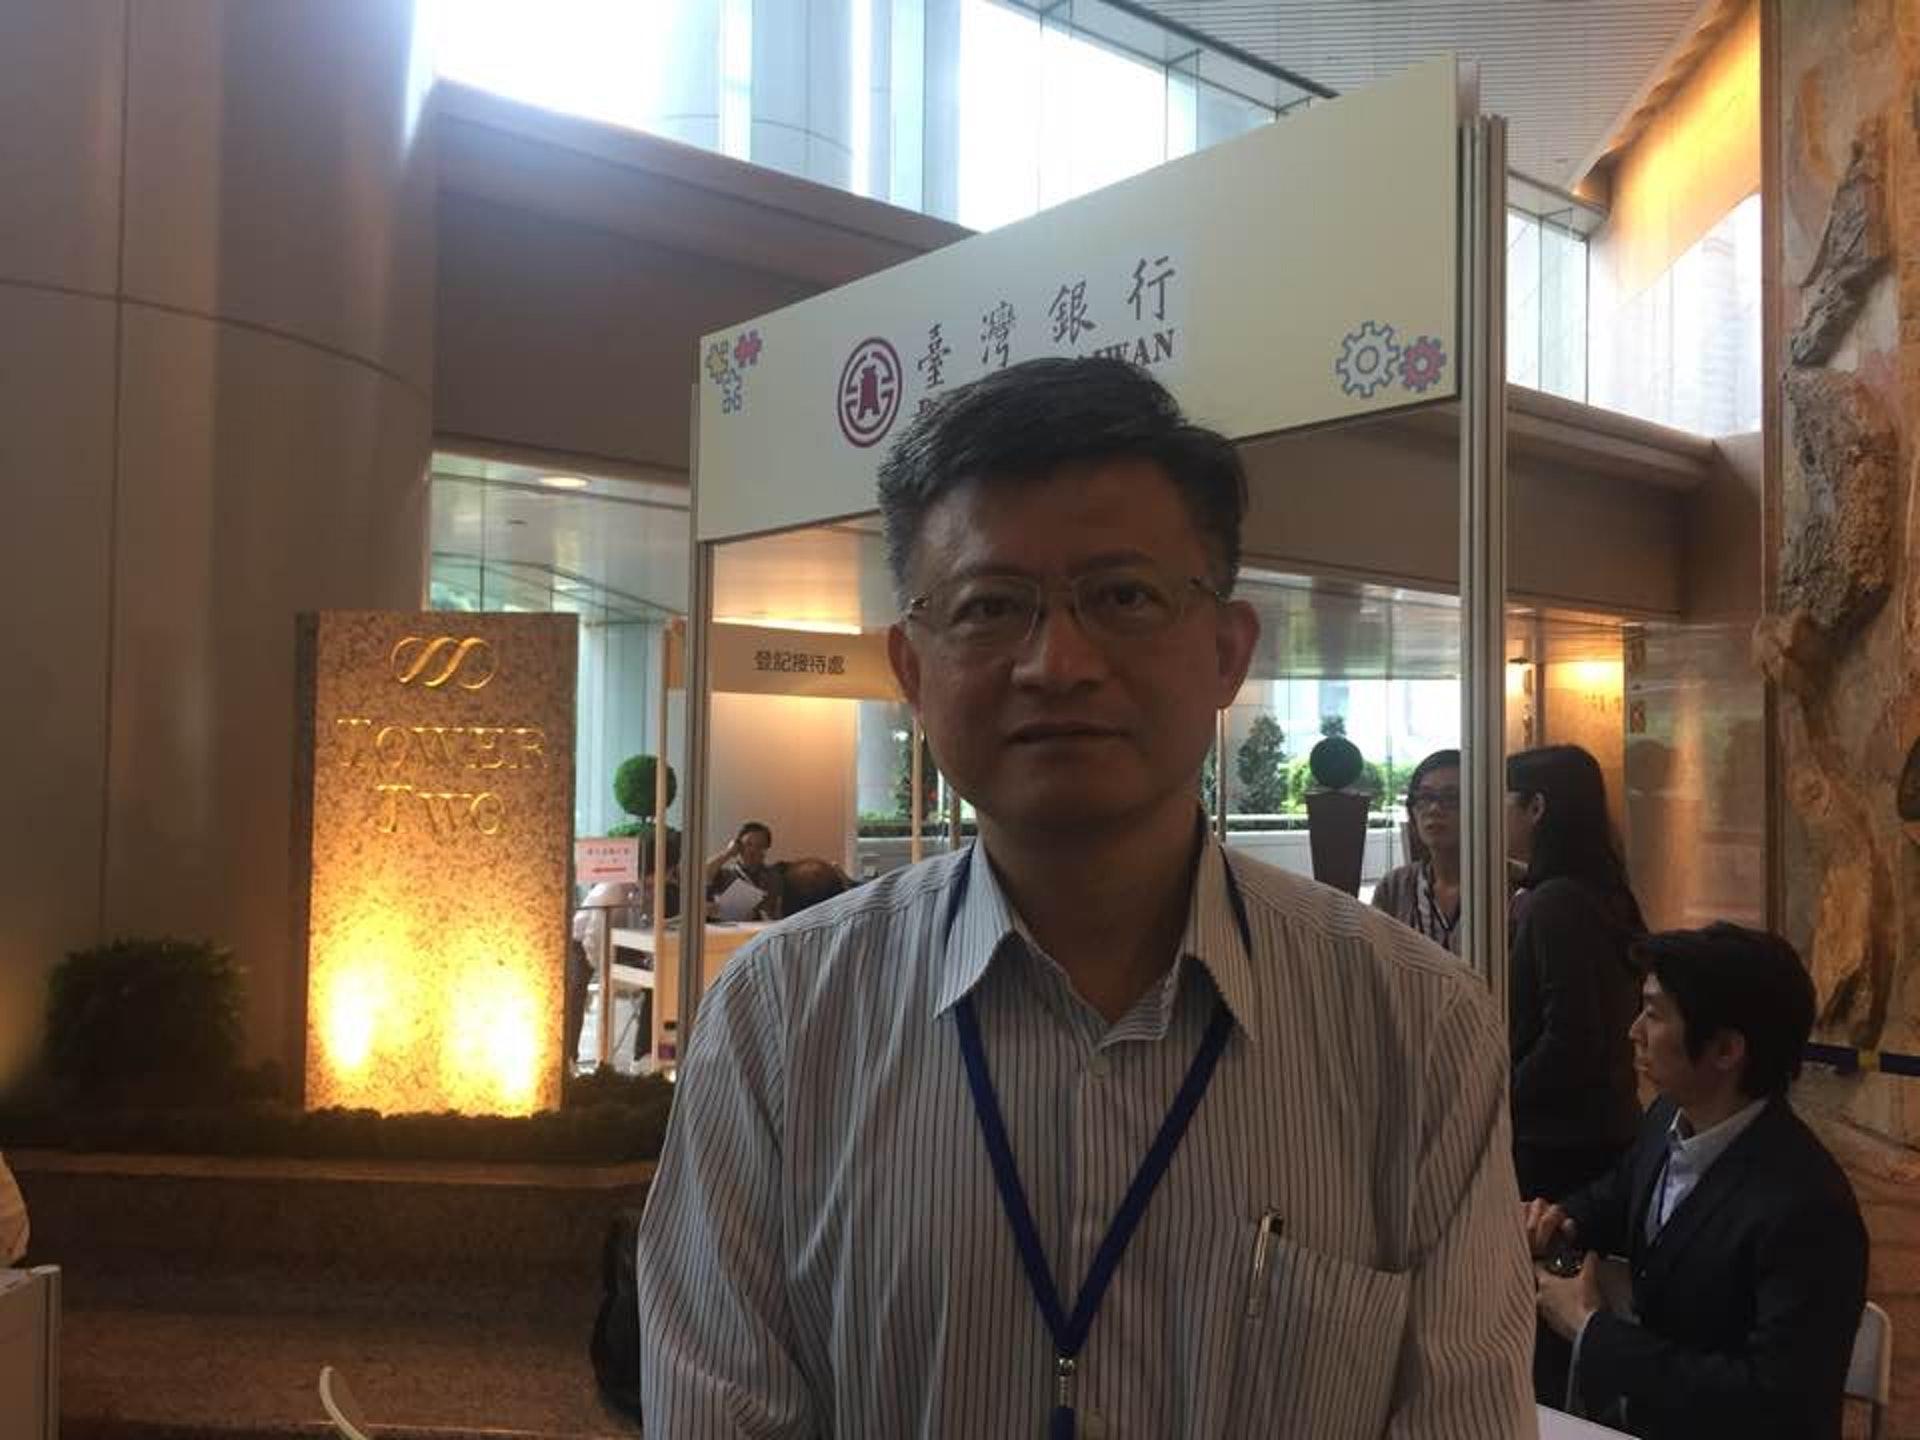 吳佳䁱指台灣薪金較香港低一半。(張嘉敏攝)